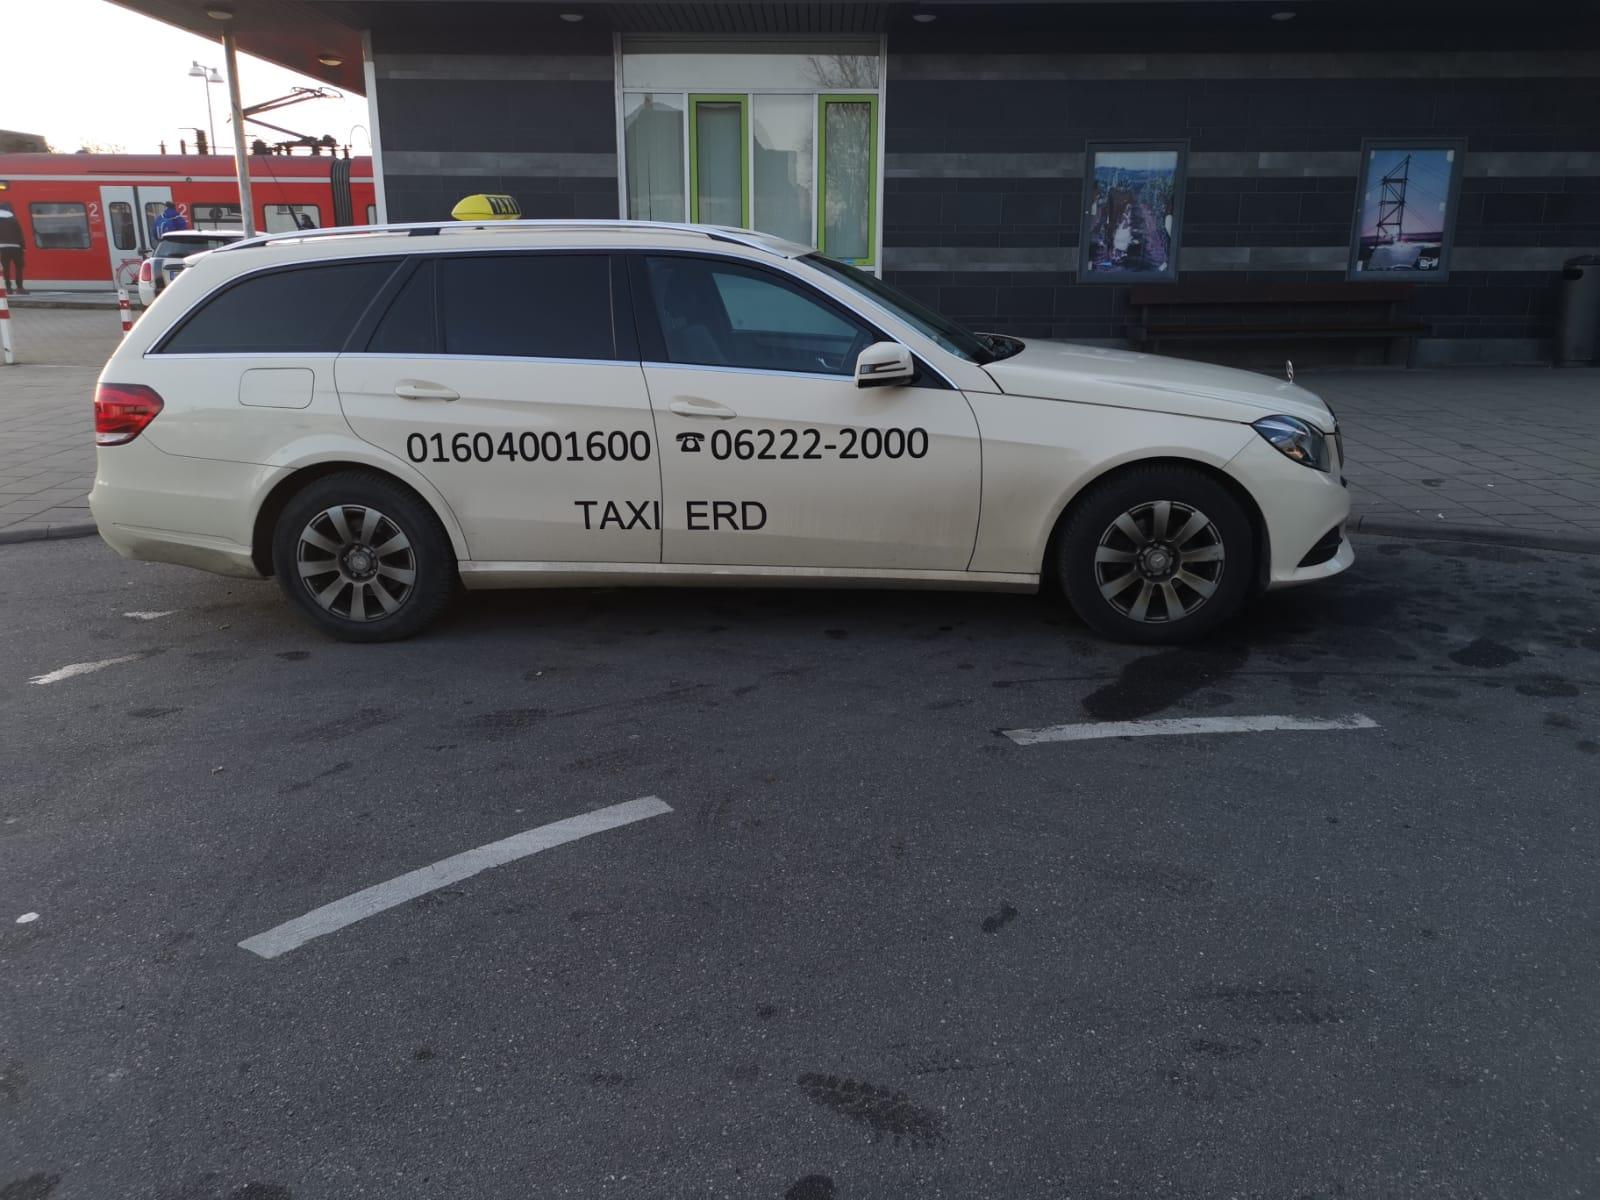 Taxi in Wiesloch